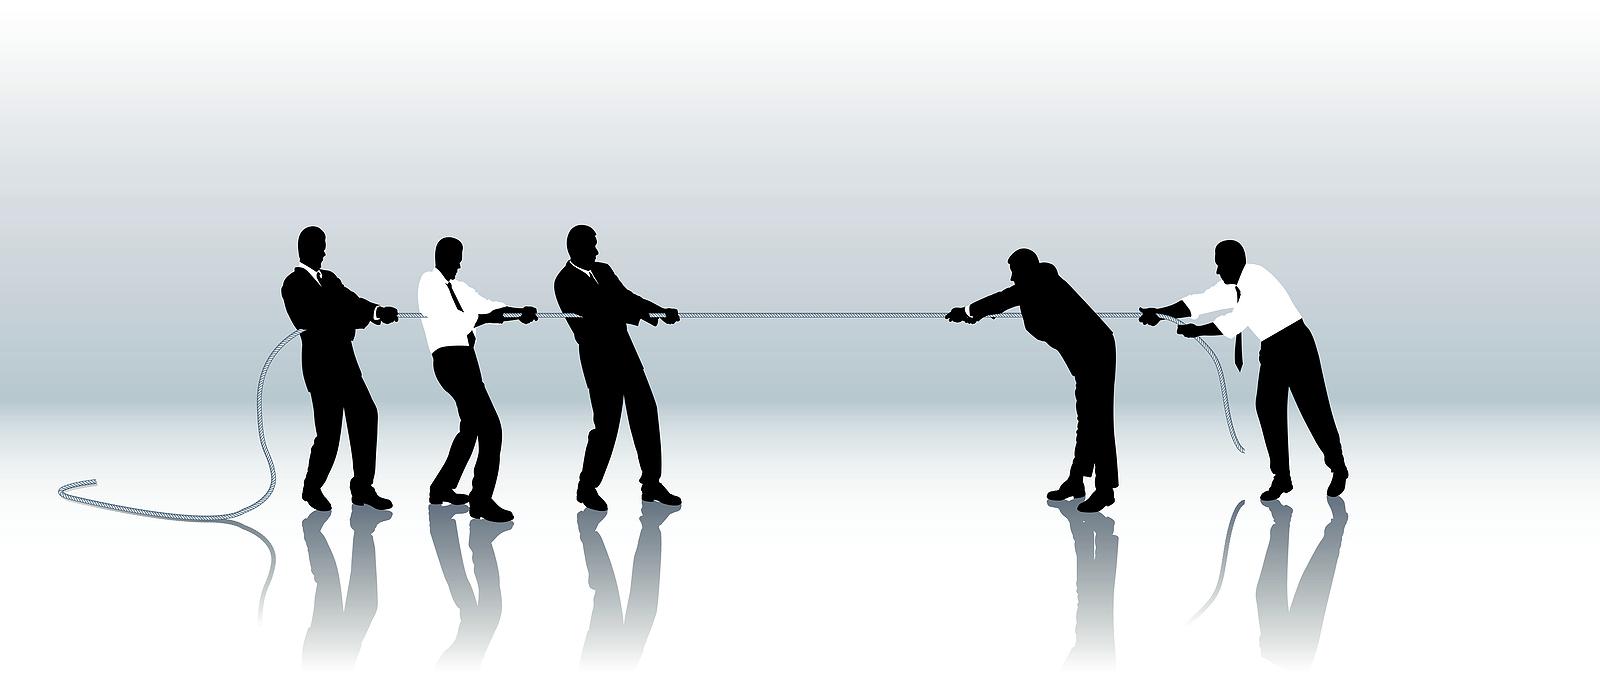 پنج نیروی رقابت